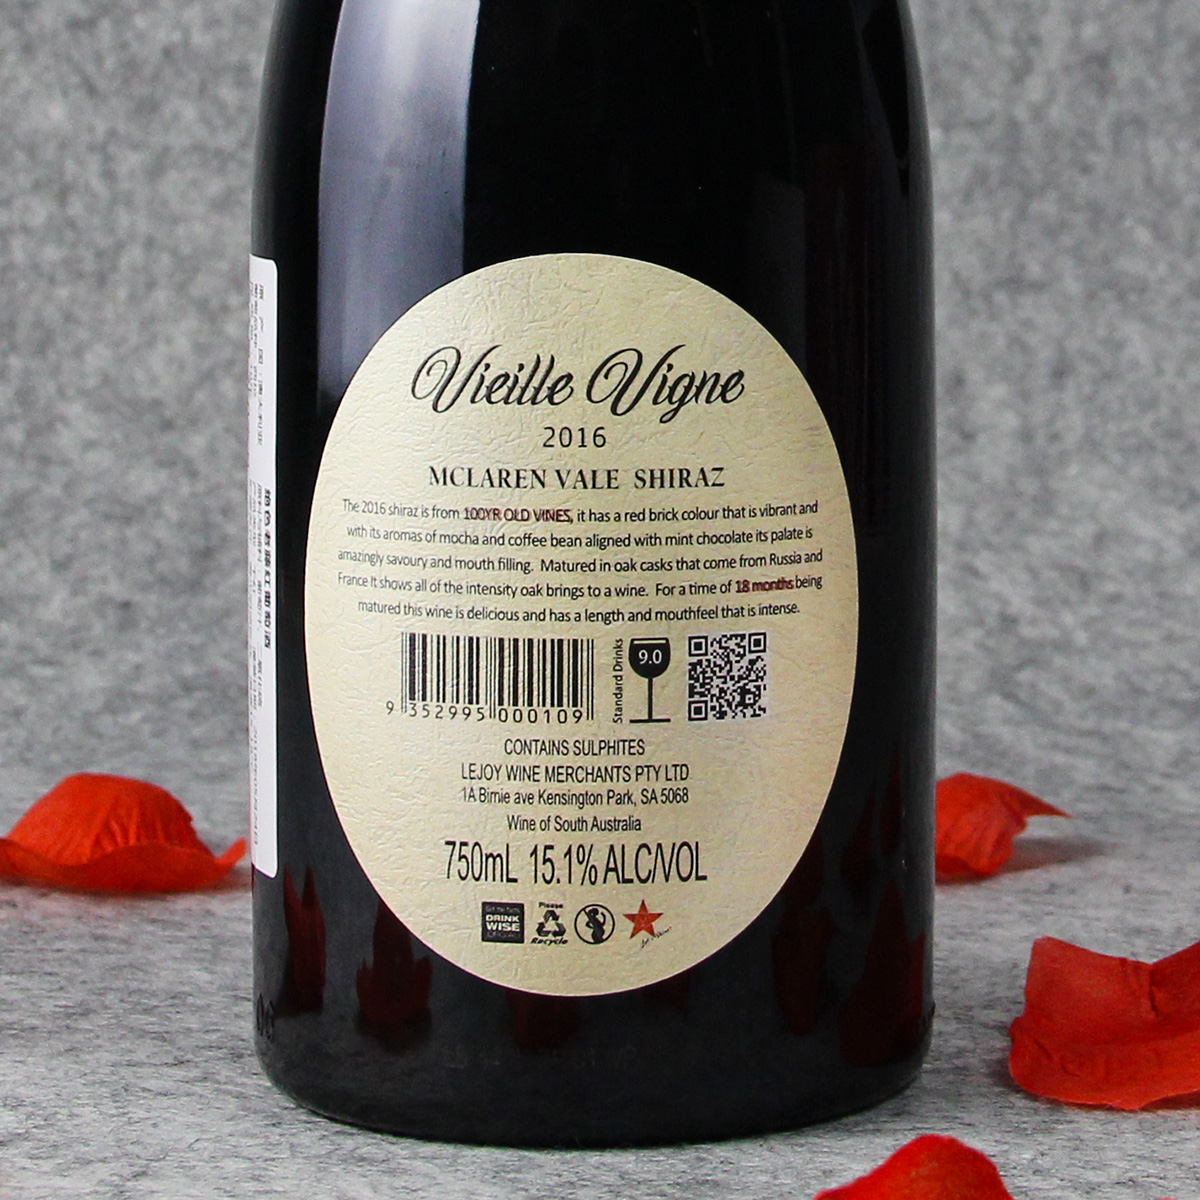 澳大利亚麦克拉伦谷产区酒满酒庄西拉绝色百年老藤干红葡萄酒